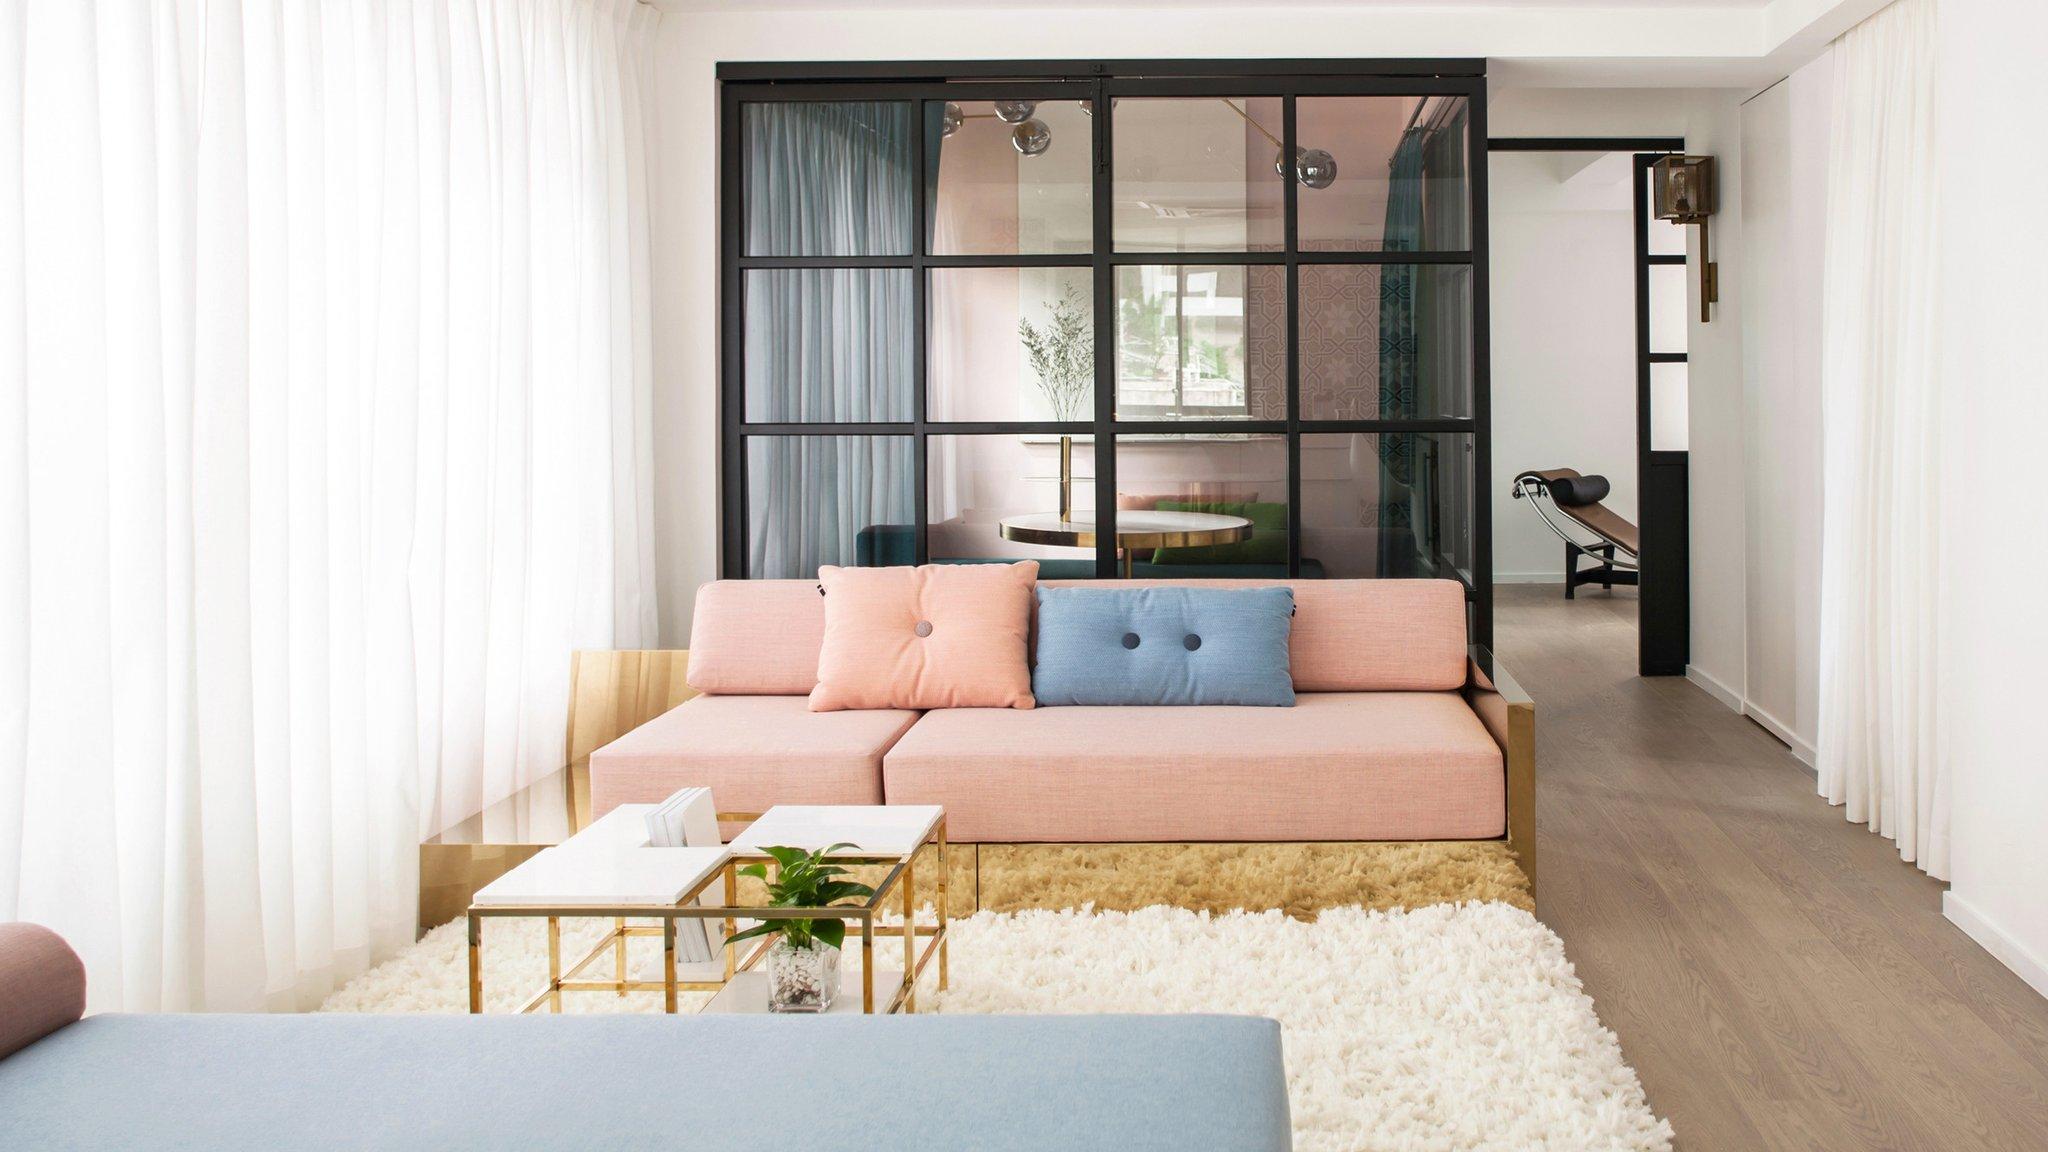 Бюджетный ремонт и планировка в однокомнатной квартире